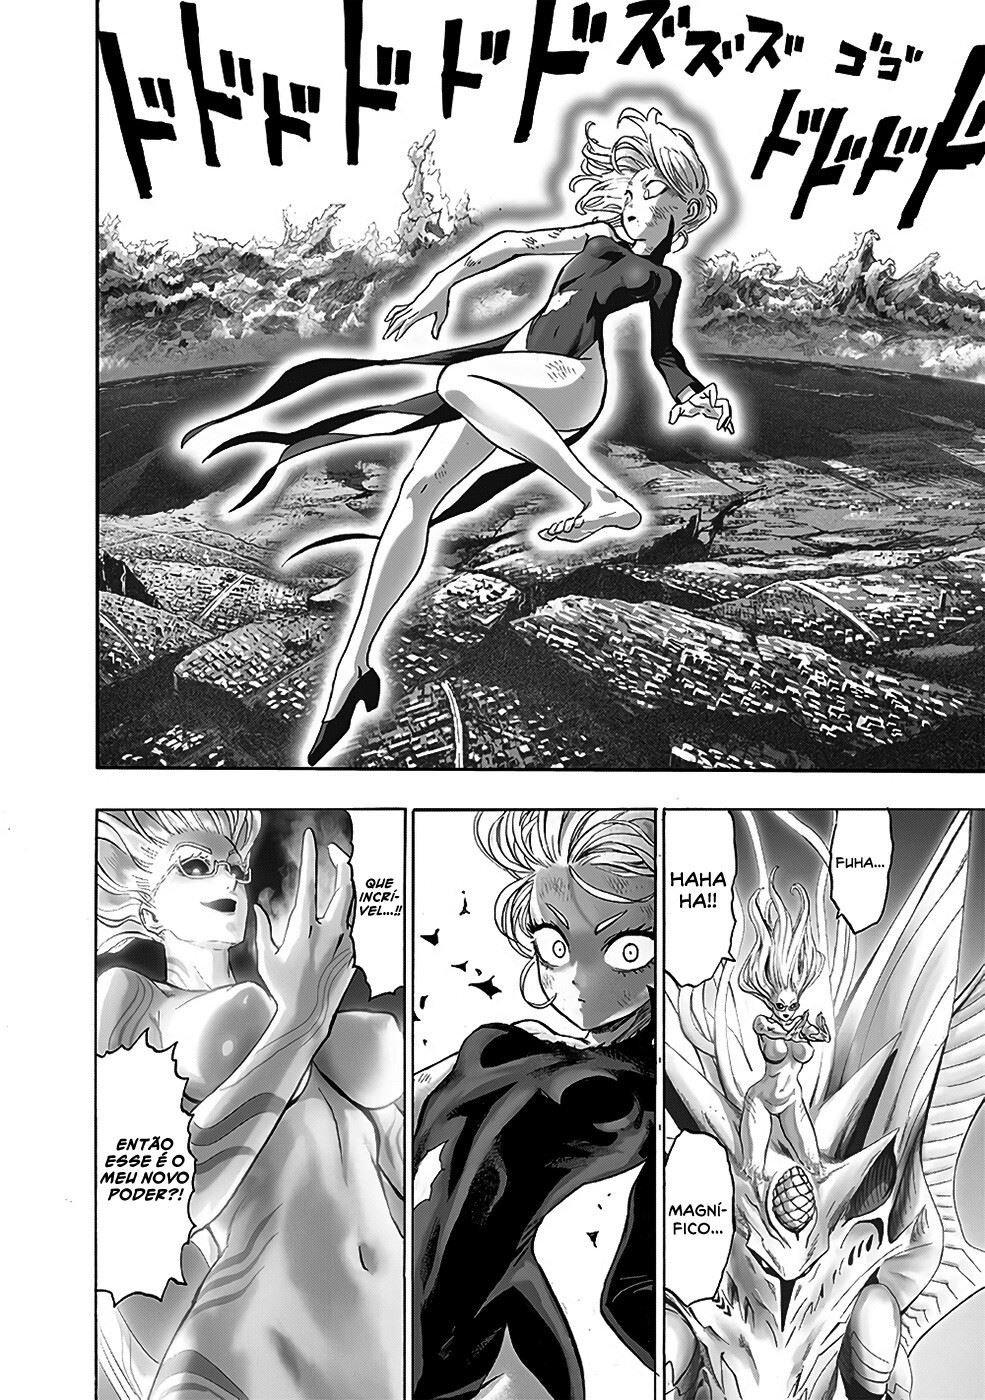 Quem no universo de Naruto seria capaz de derrotar Tatsumaki? - Página 4 1110